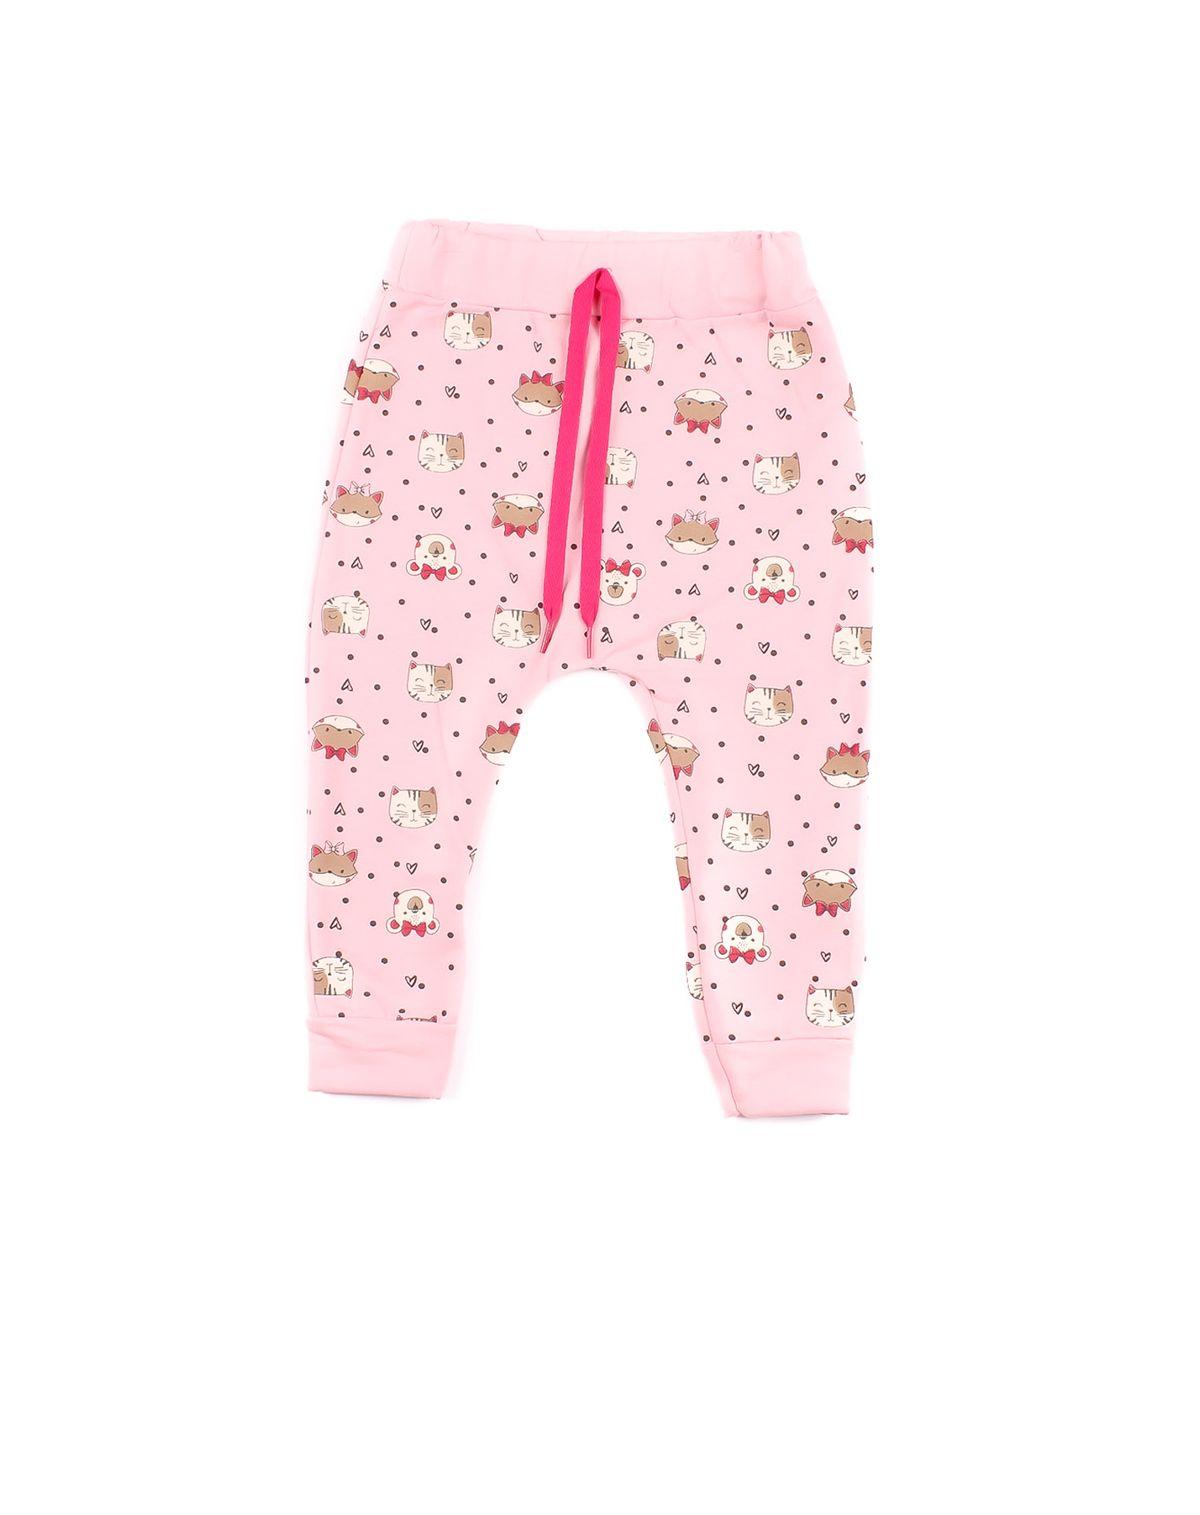 583434004-calca-bebe-moletom-saruel-flanelada-estampada-rosa-1-81e